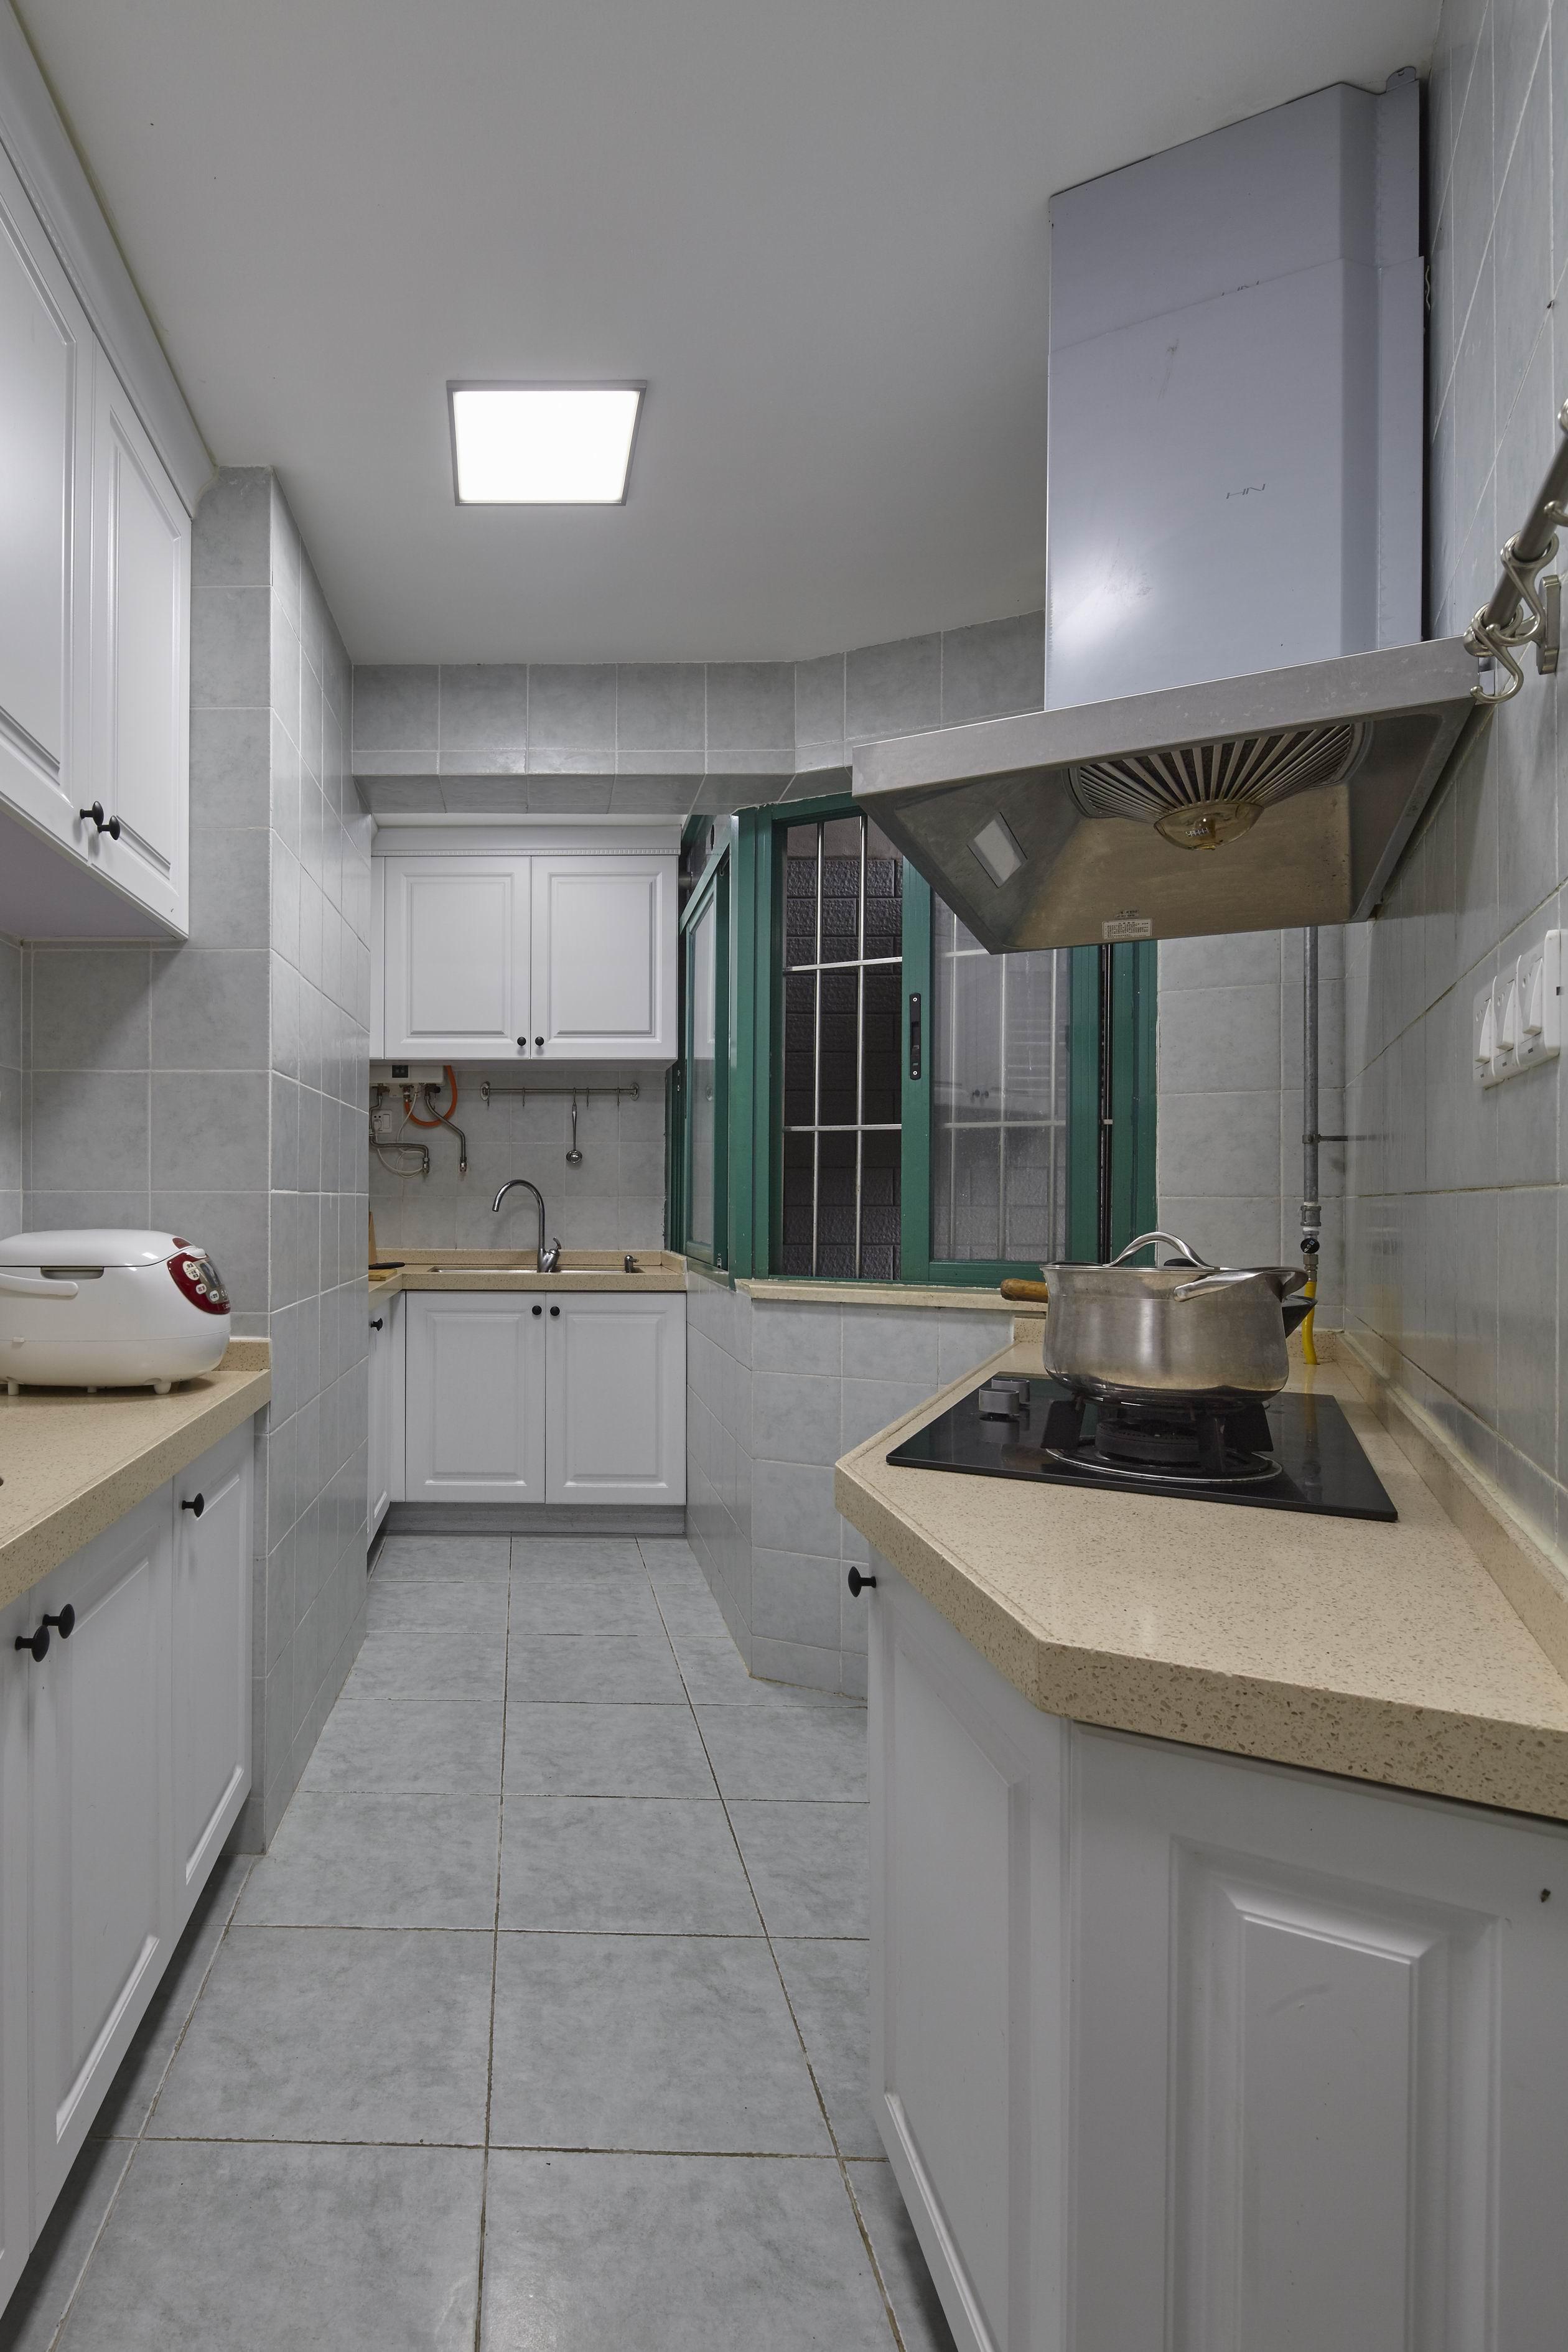 二居室美式之家厨房装潢图